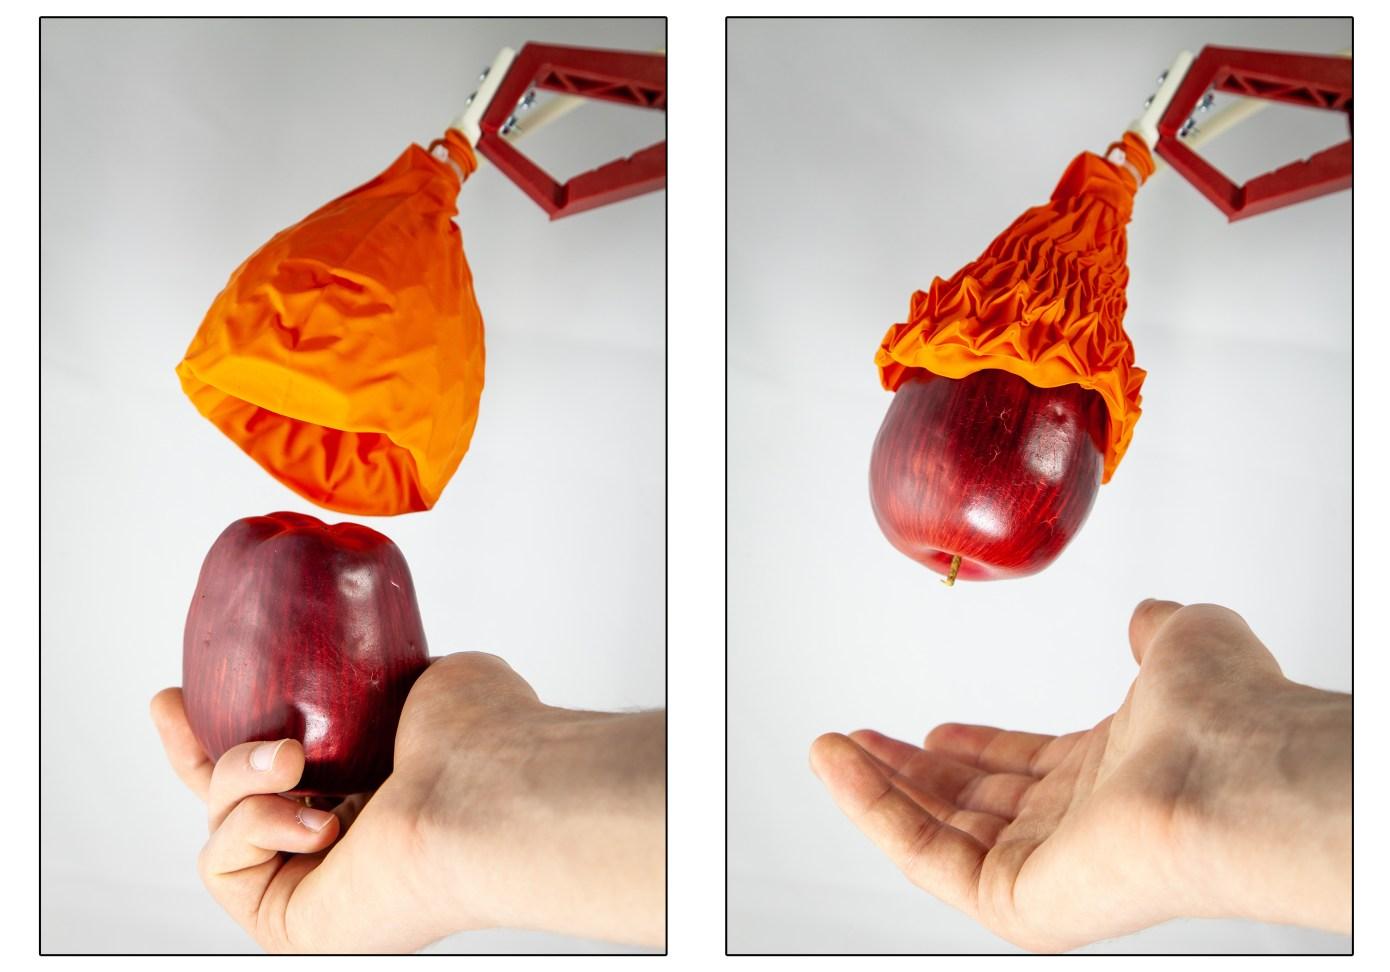 Ballonhände für Roboter.